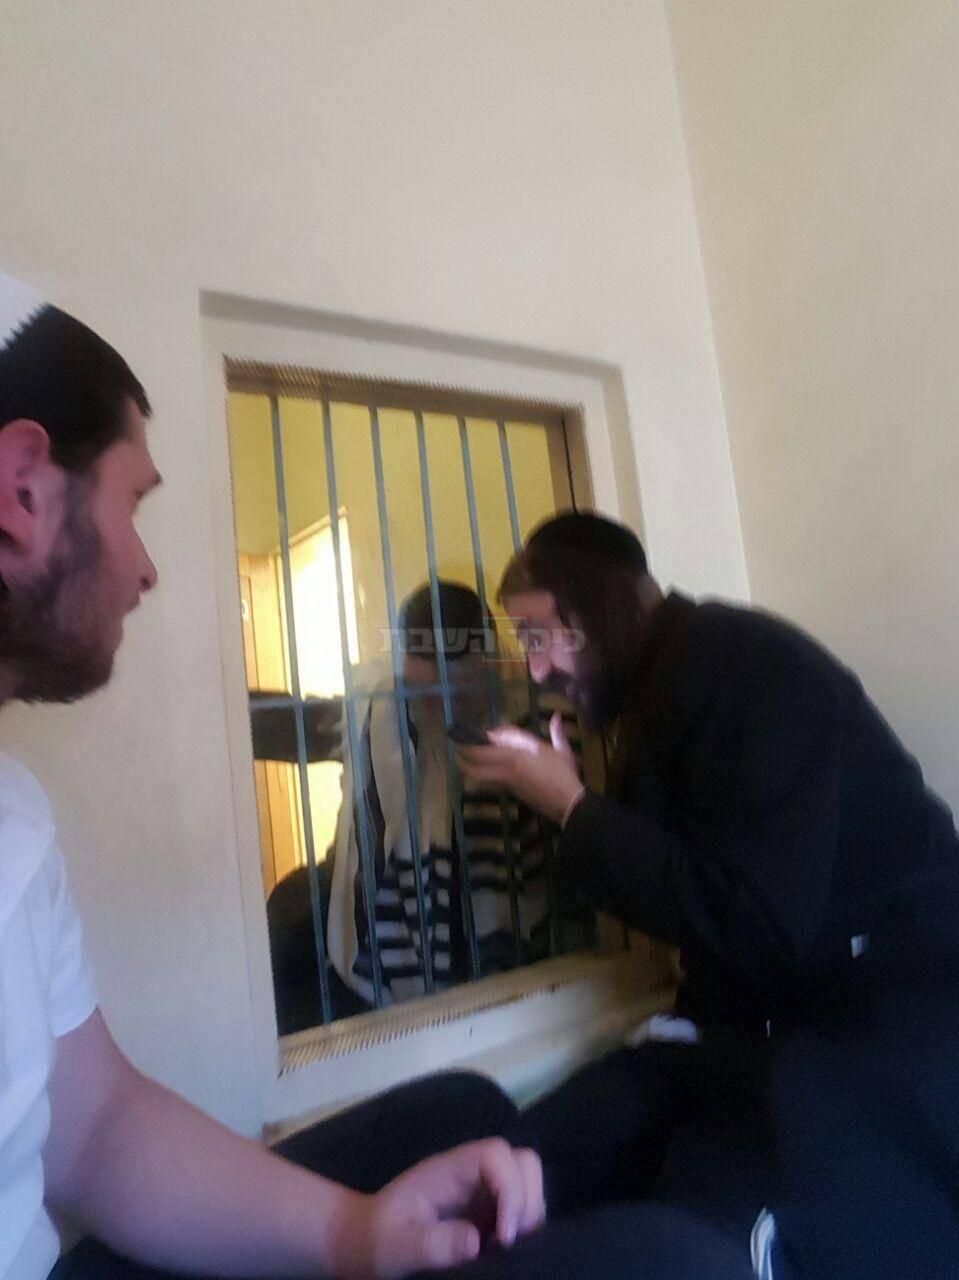 הרב ברלנד בכלא עם שני הגבאים